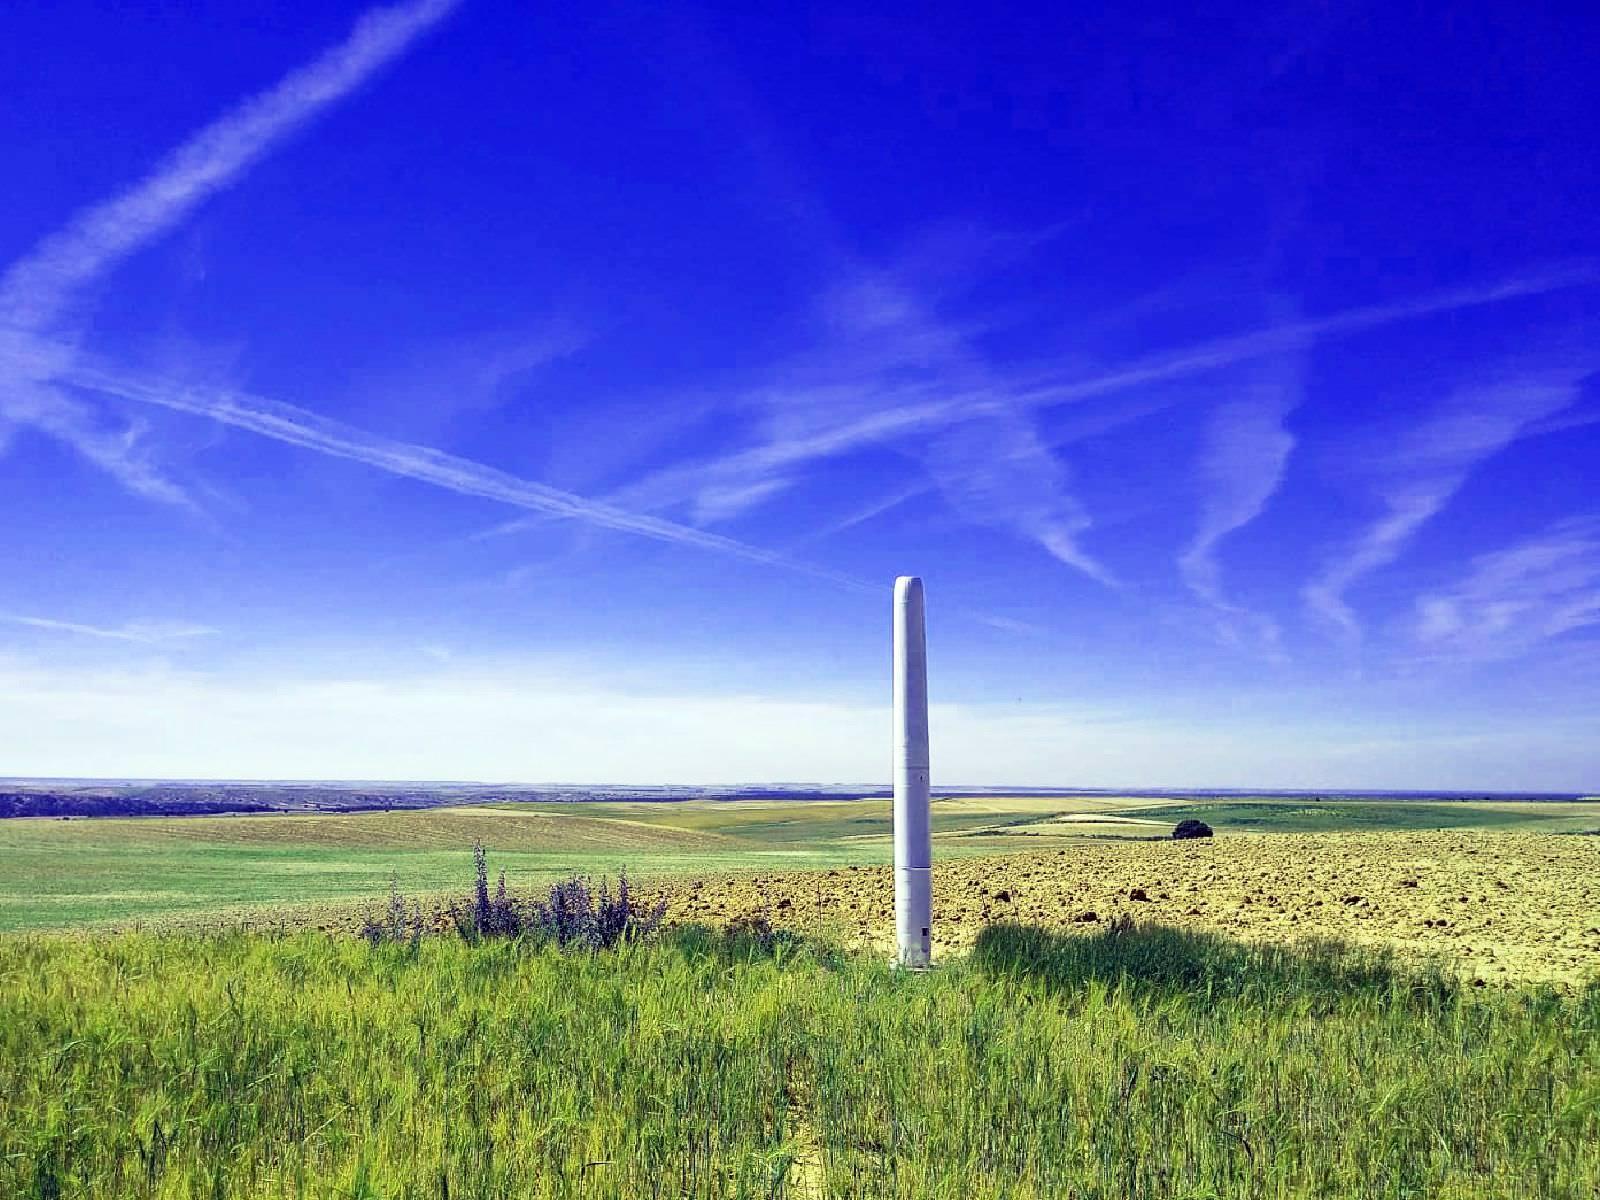 Vortex-Bladeless-Windstrom-durch-Schwingungsenergie